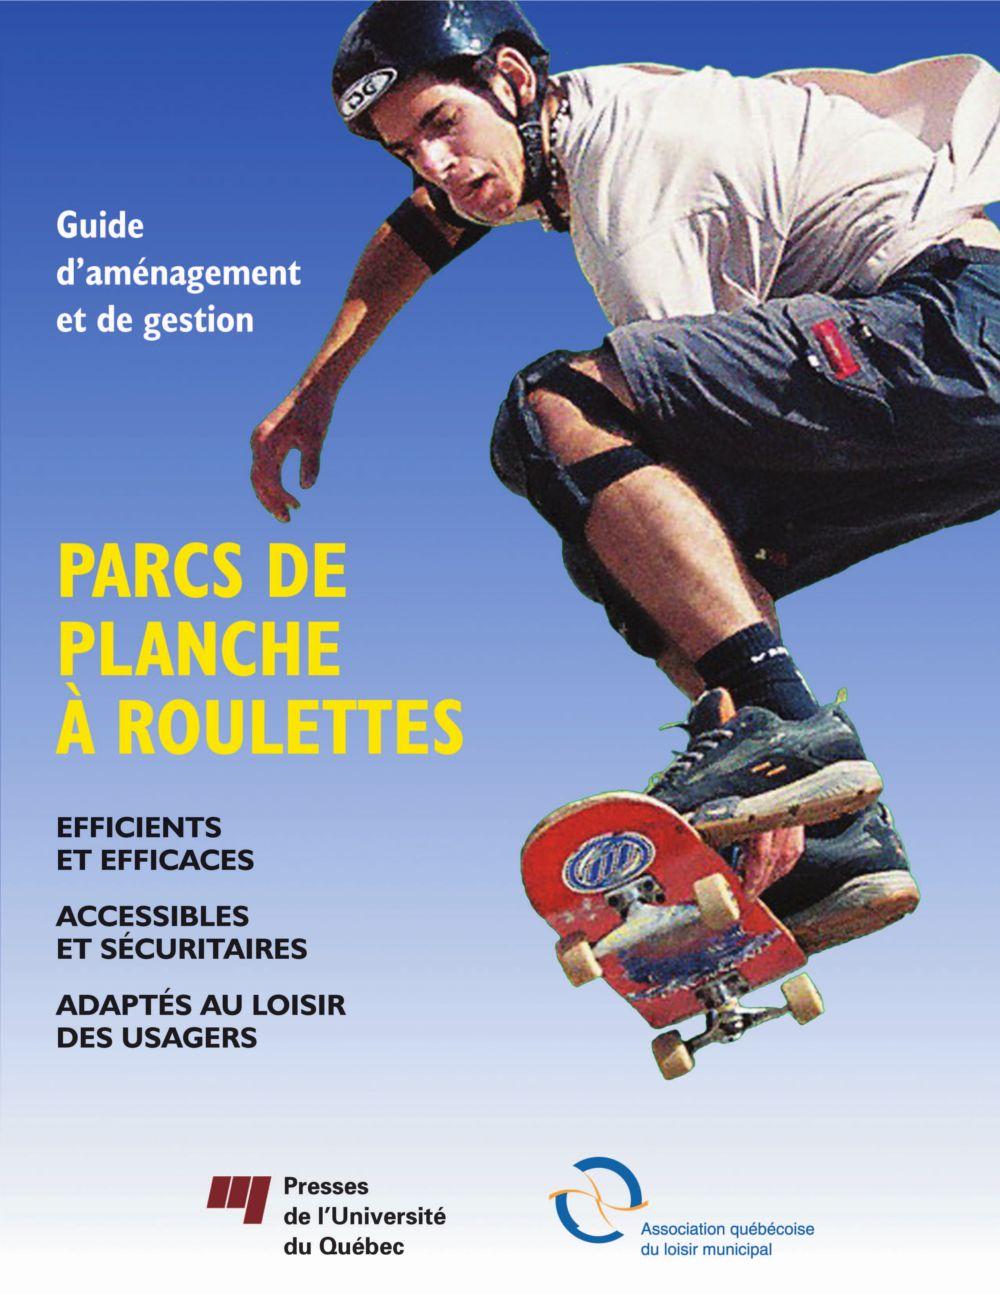 Guide d'aménagement et de gestion : Parcs de planche à roulettes